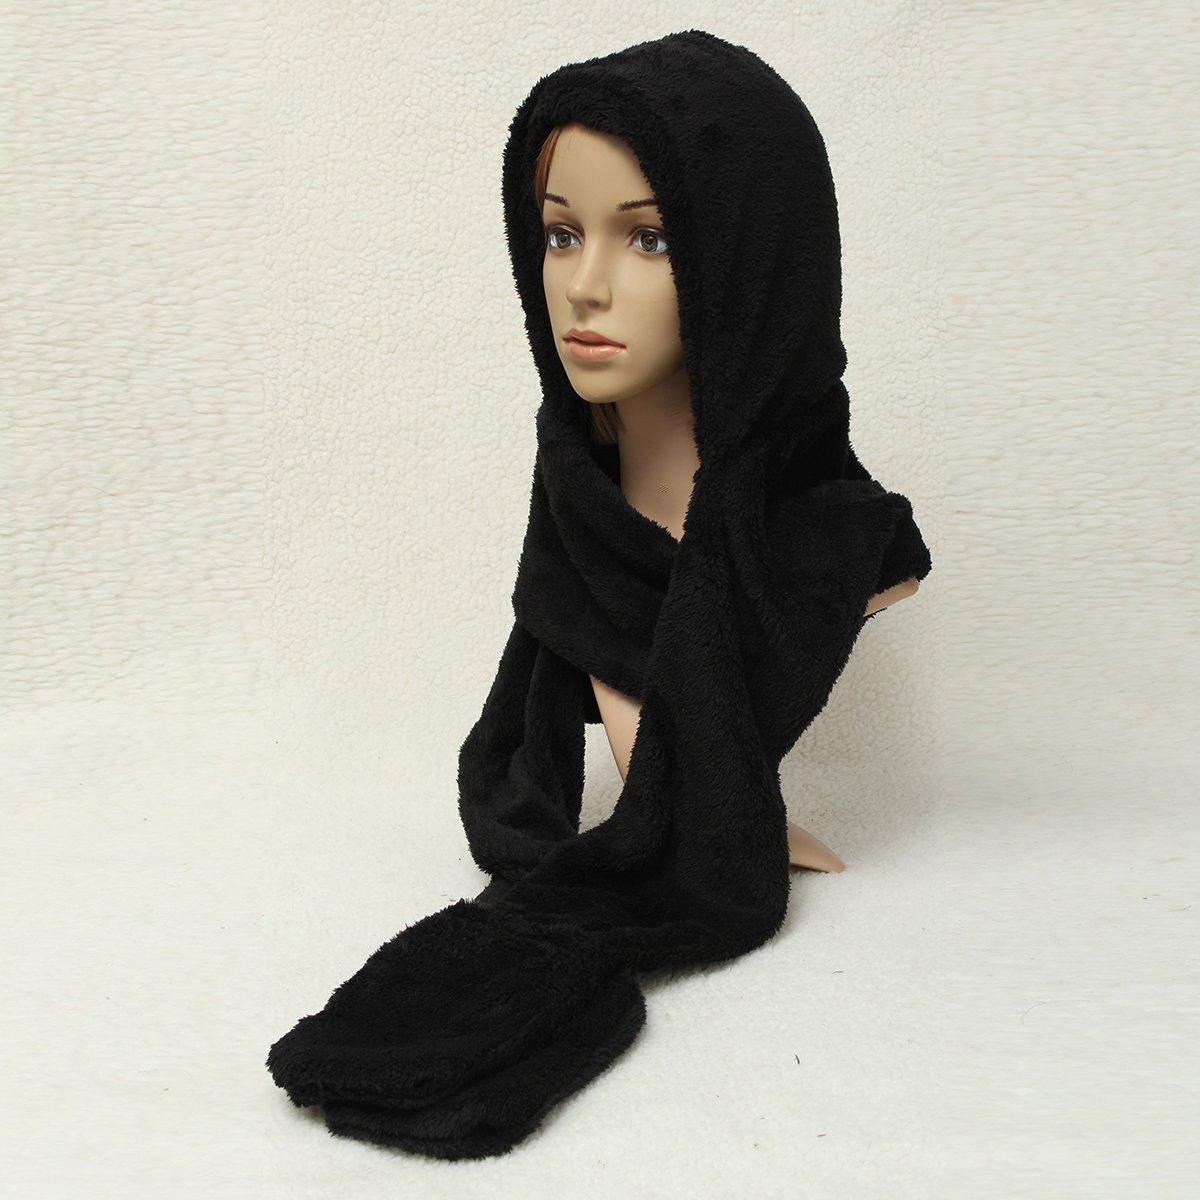 3303a4ac6ebe7 TOOGOO(R) Femmes Epais Gant Chapeau Bonnet Capuche Plush Echarpe Chale  Earflap Hat Gloves Noir: Amazon.fr: Vêtements et accessoires